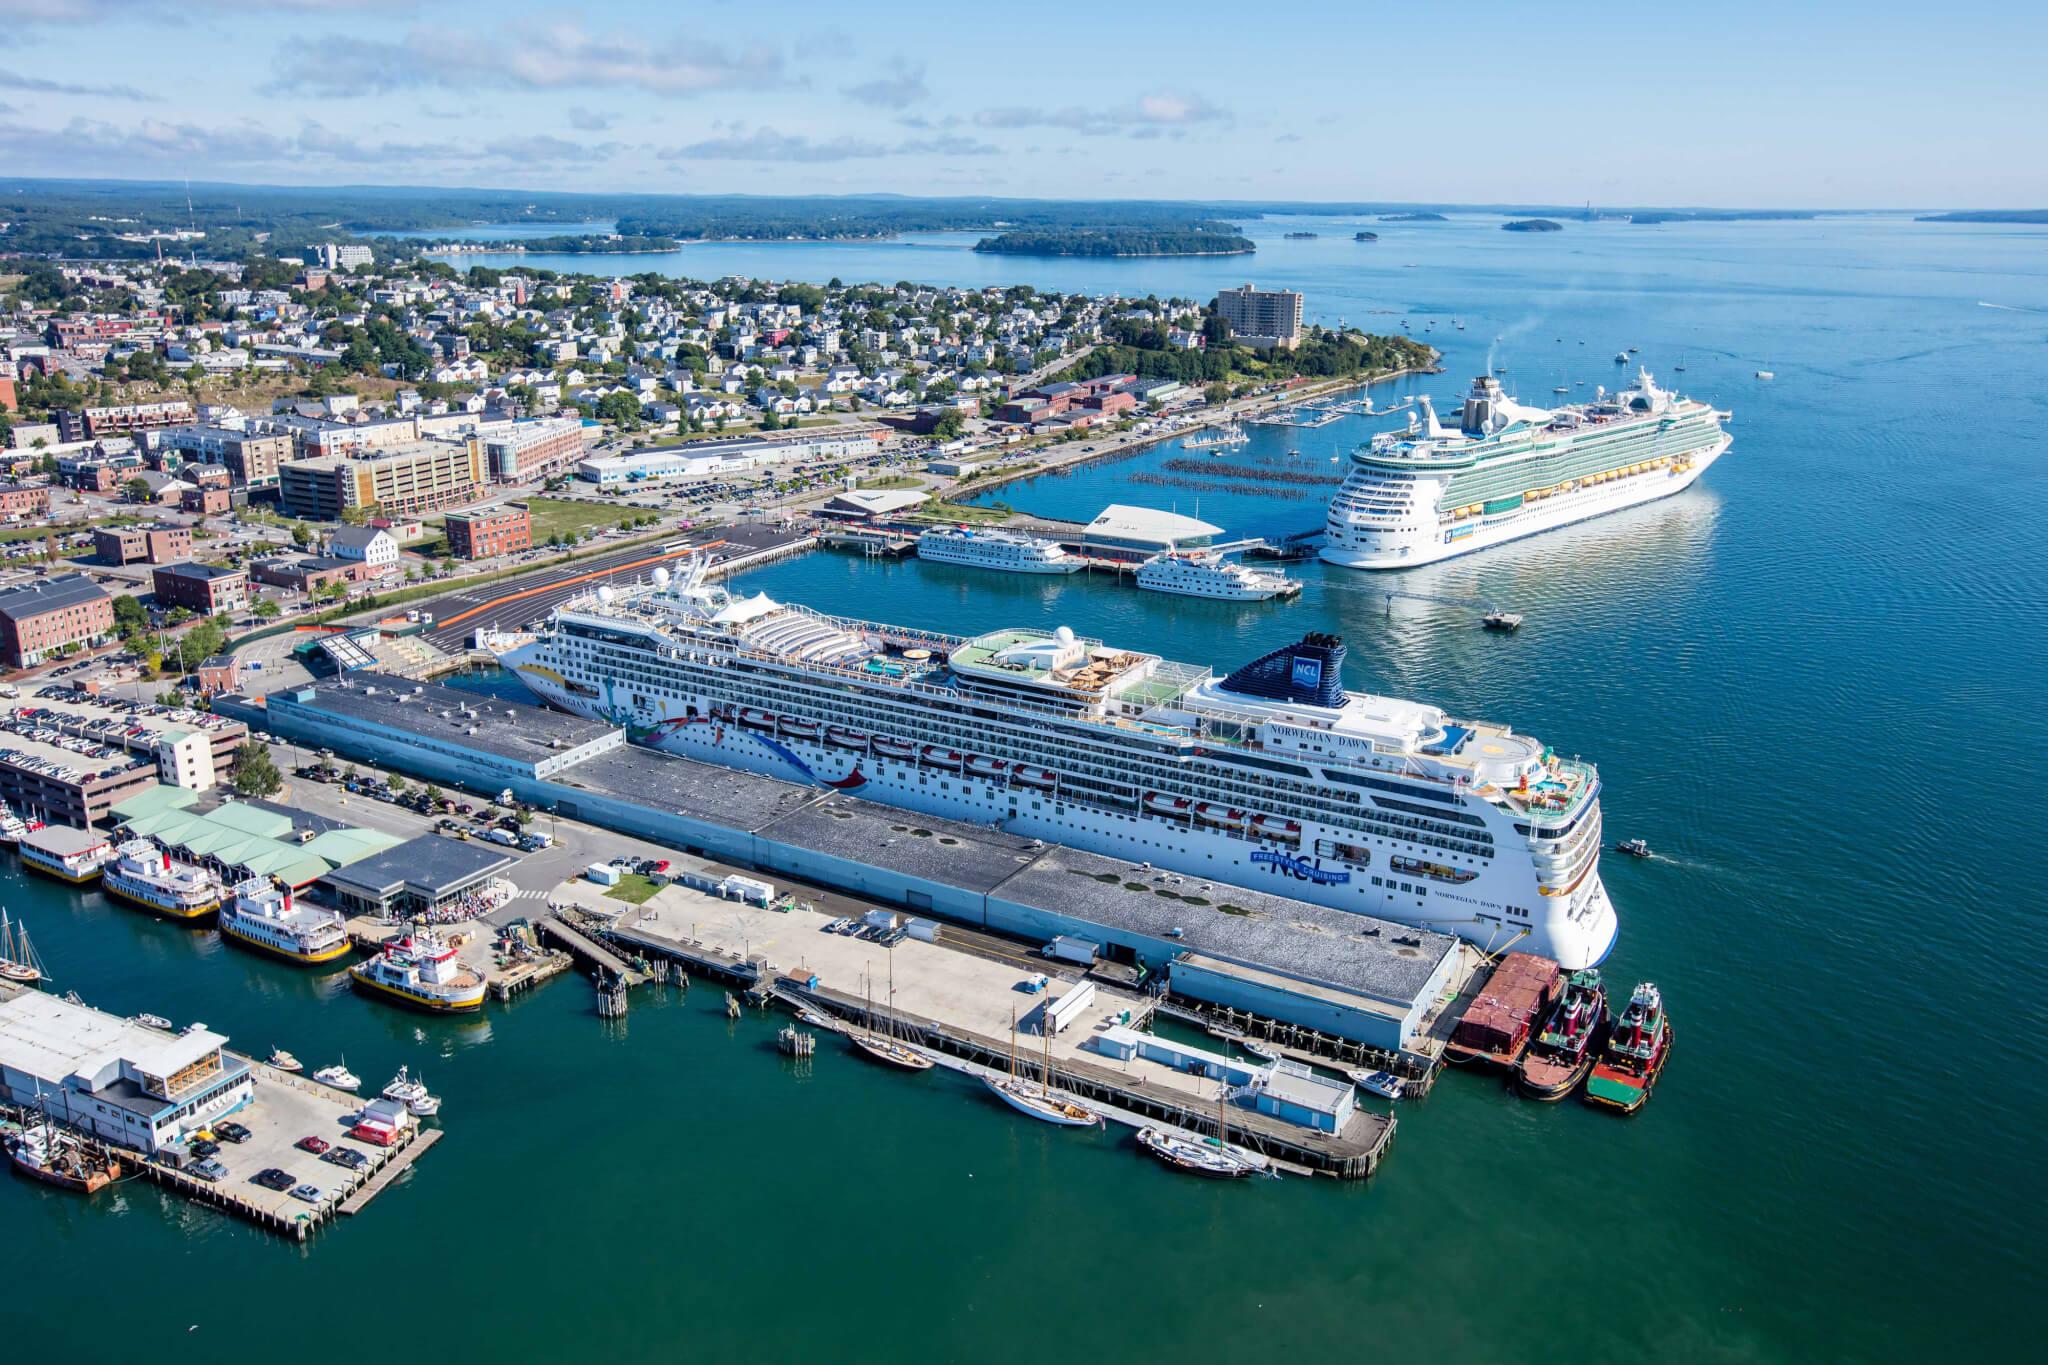 Cruise Ship Bus - Sept. 30